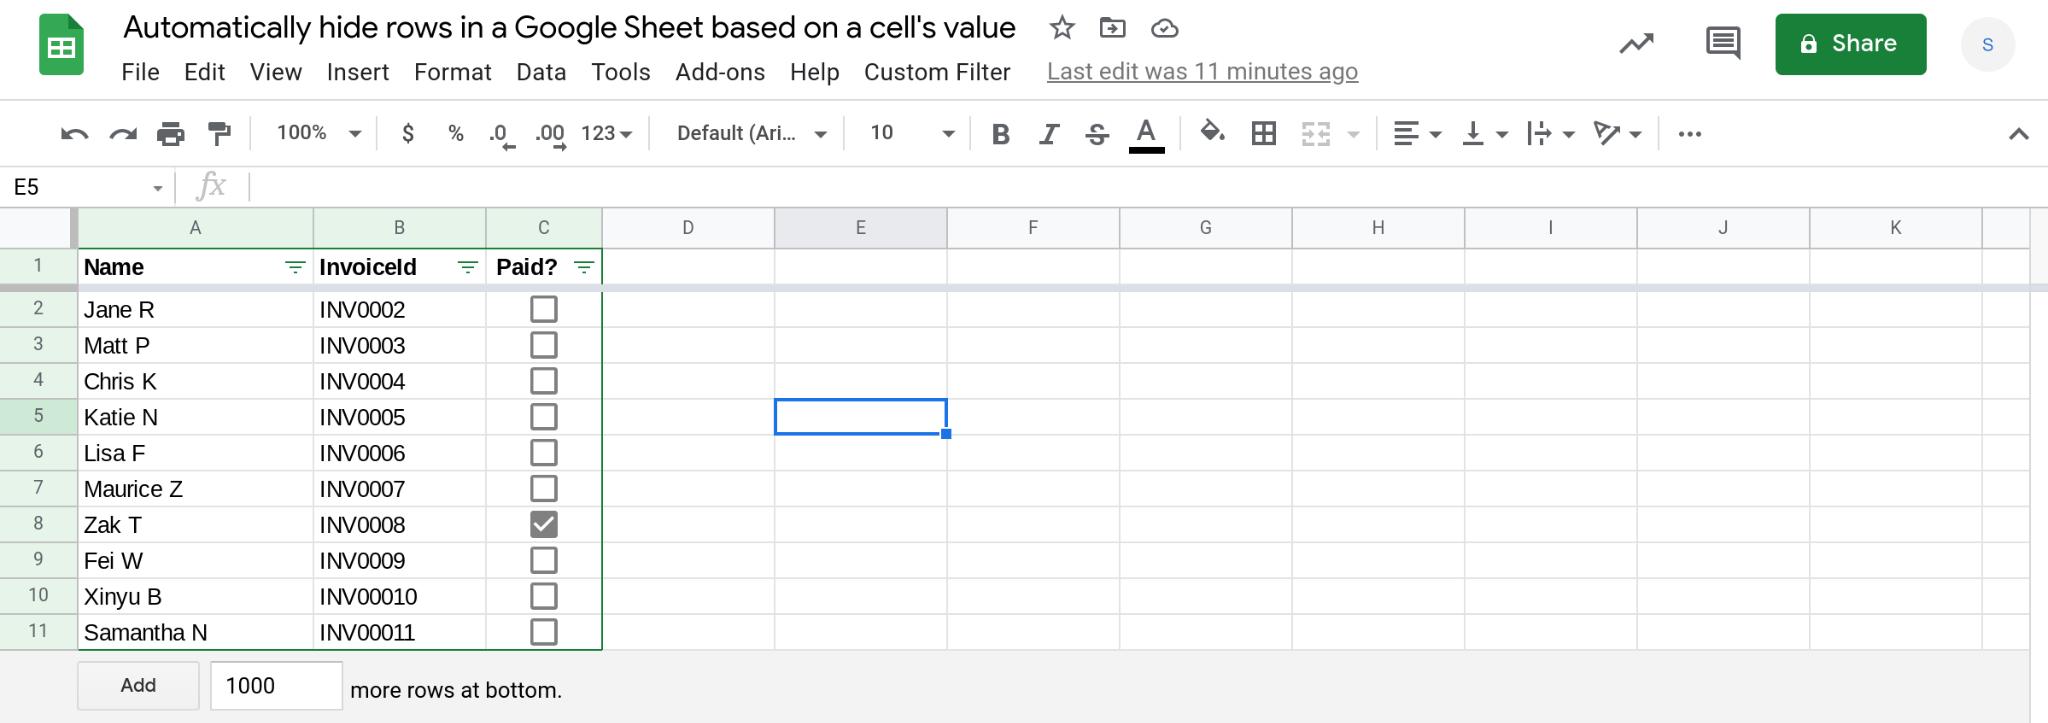 A screenshot of a Google Sheets spreadsheet.